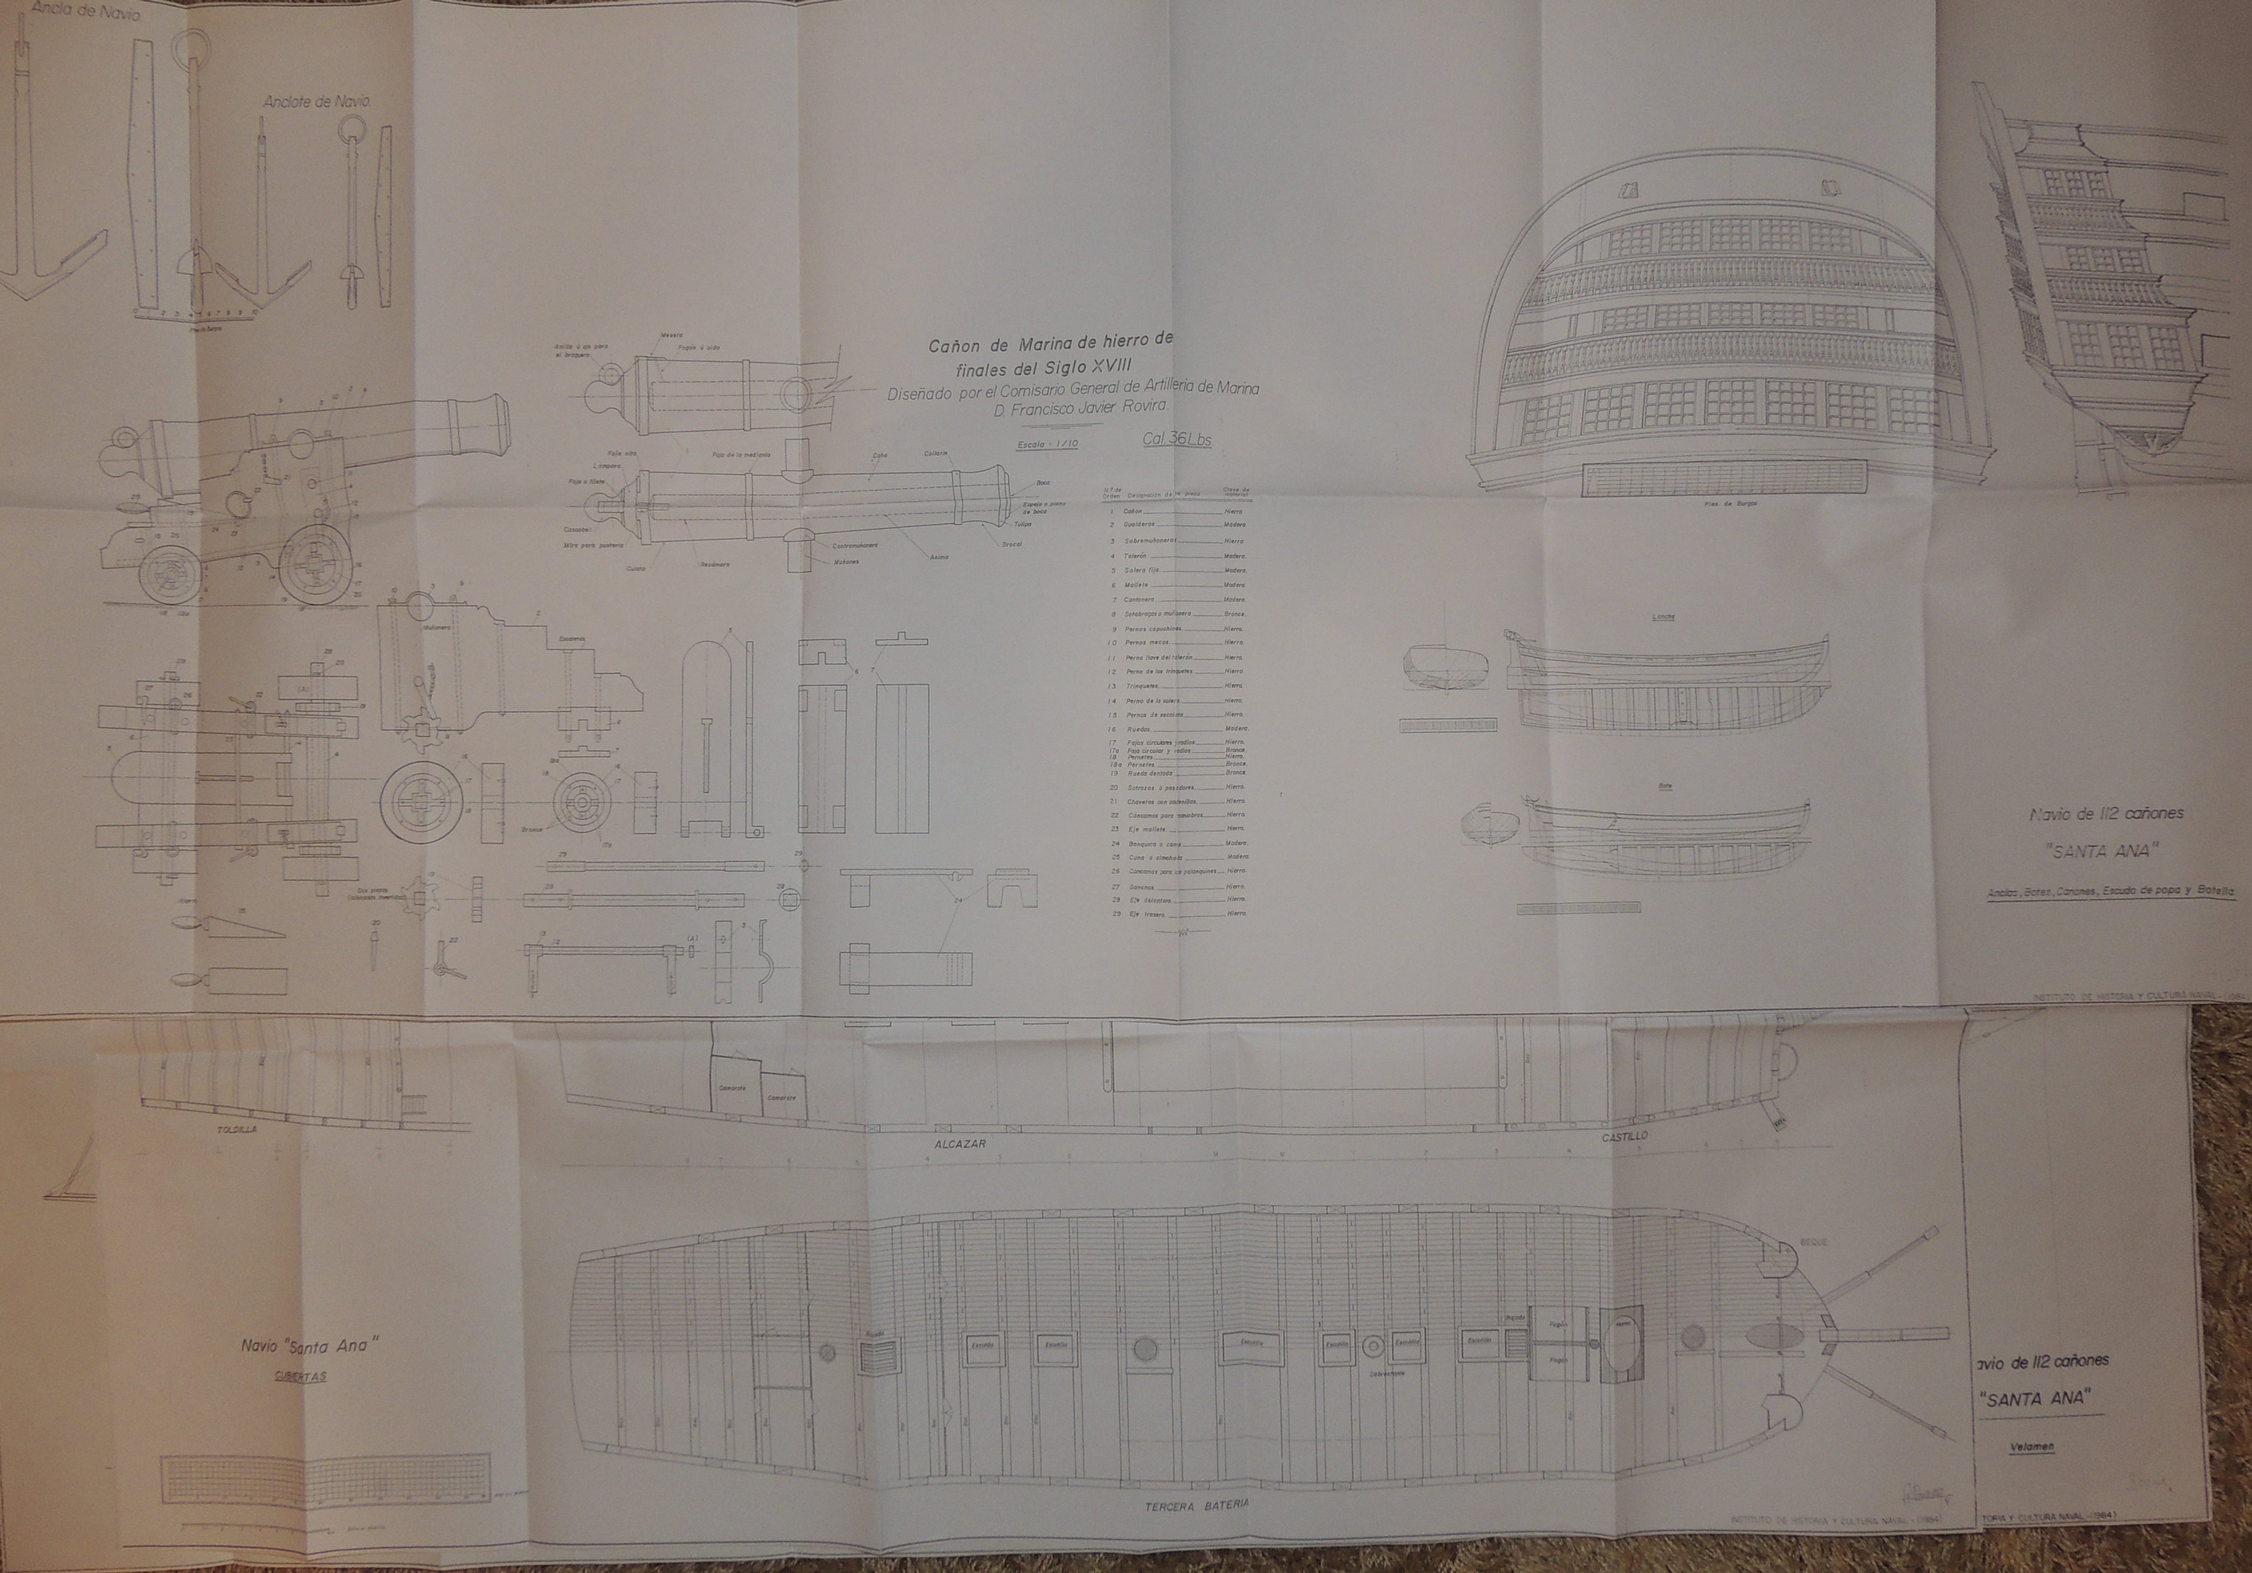 DSCN9954.JPG